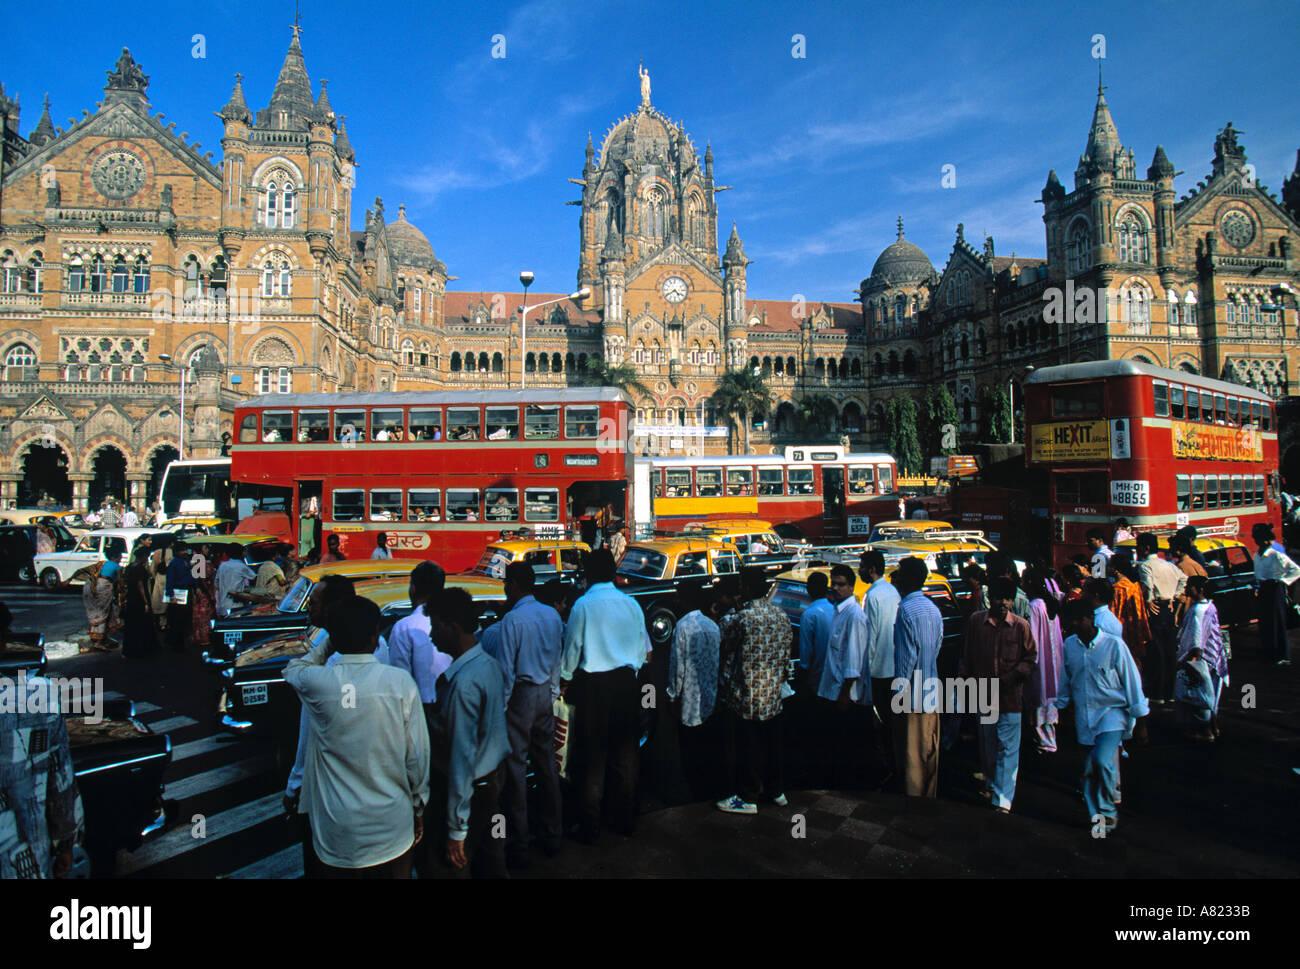 La estación de tren Victoria, Mumbai (Bombay), India Imagen De Stock